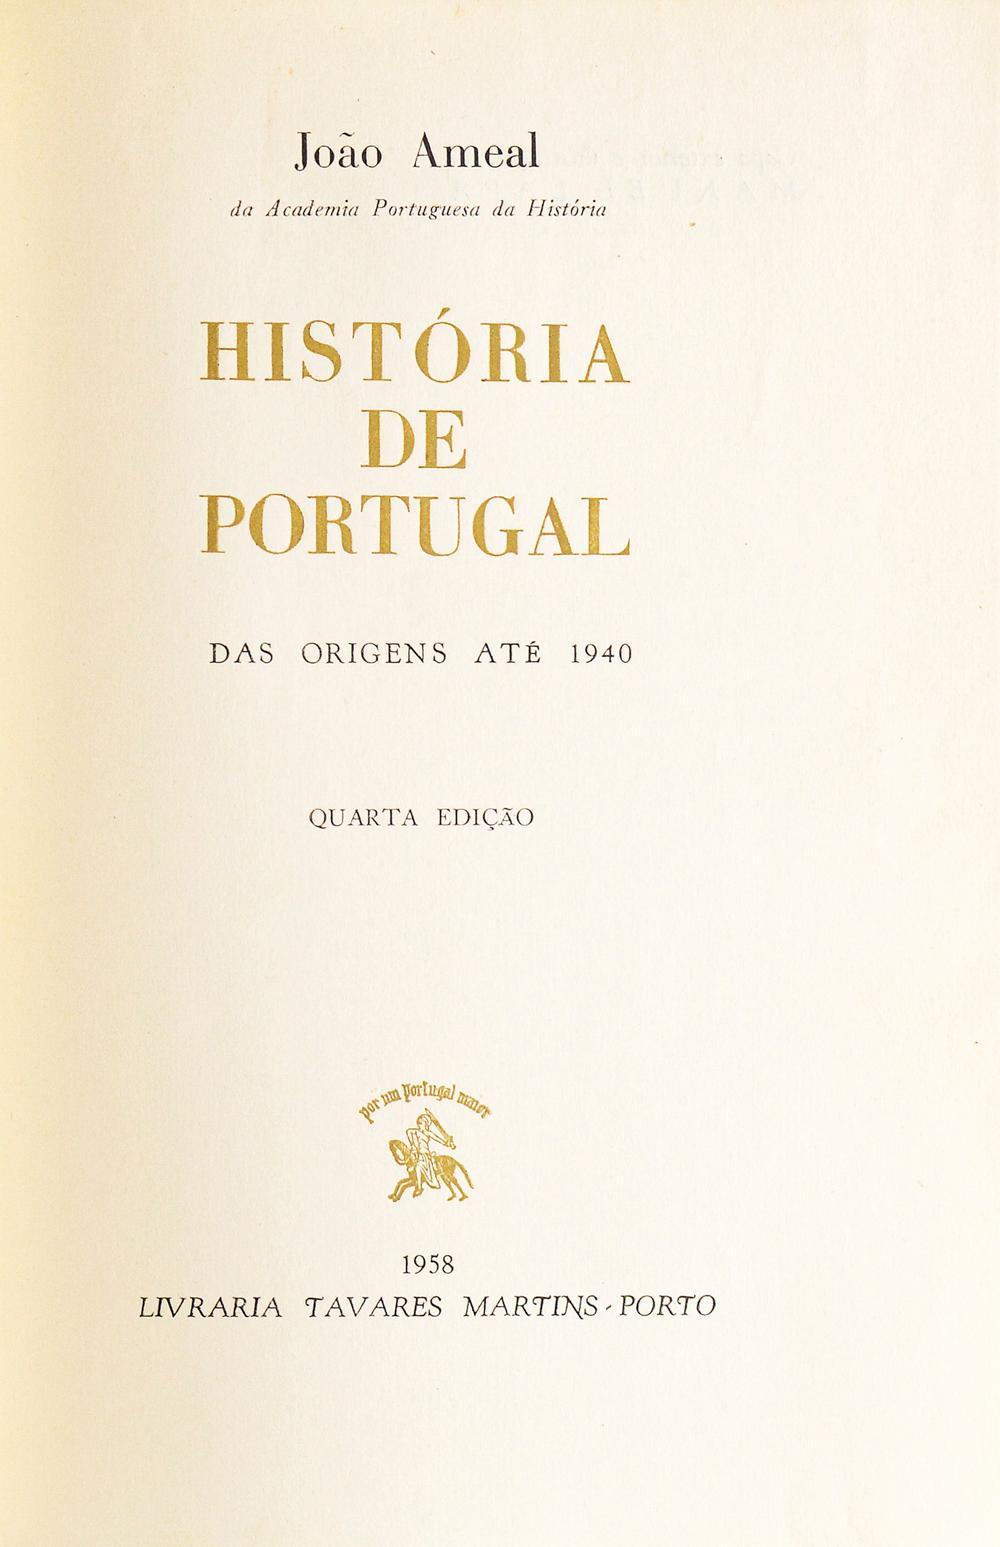 AMEAL, João. HISTÓRIA DE PORTUGAL, 1 vol. enc.